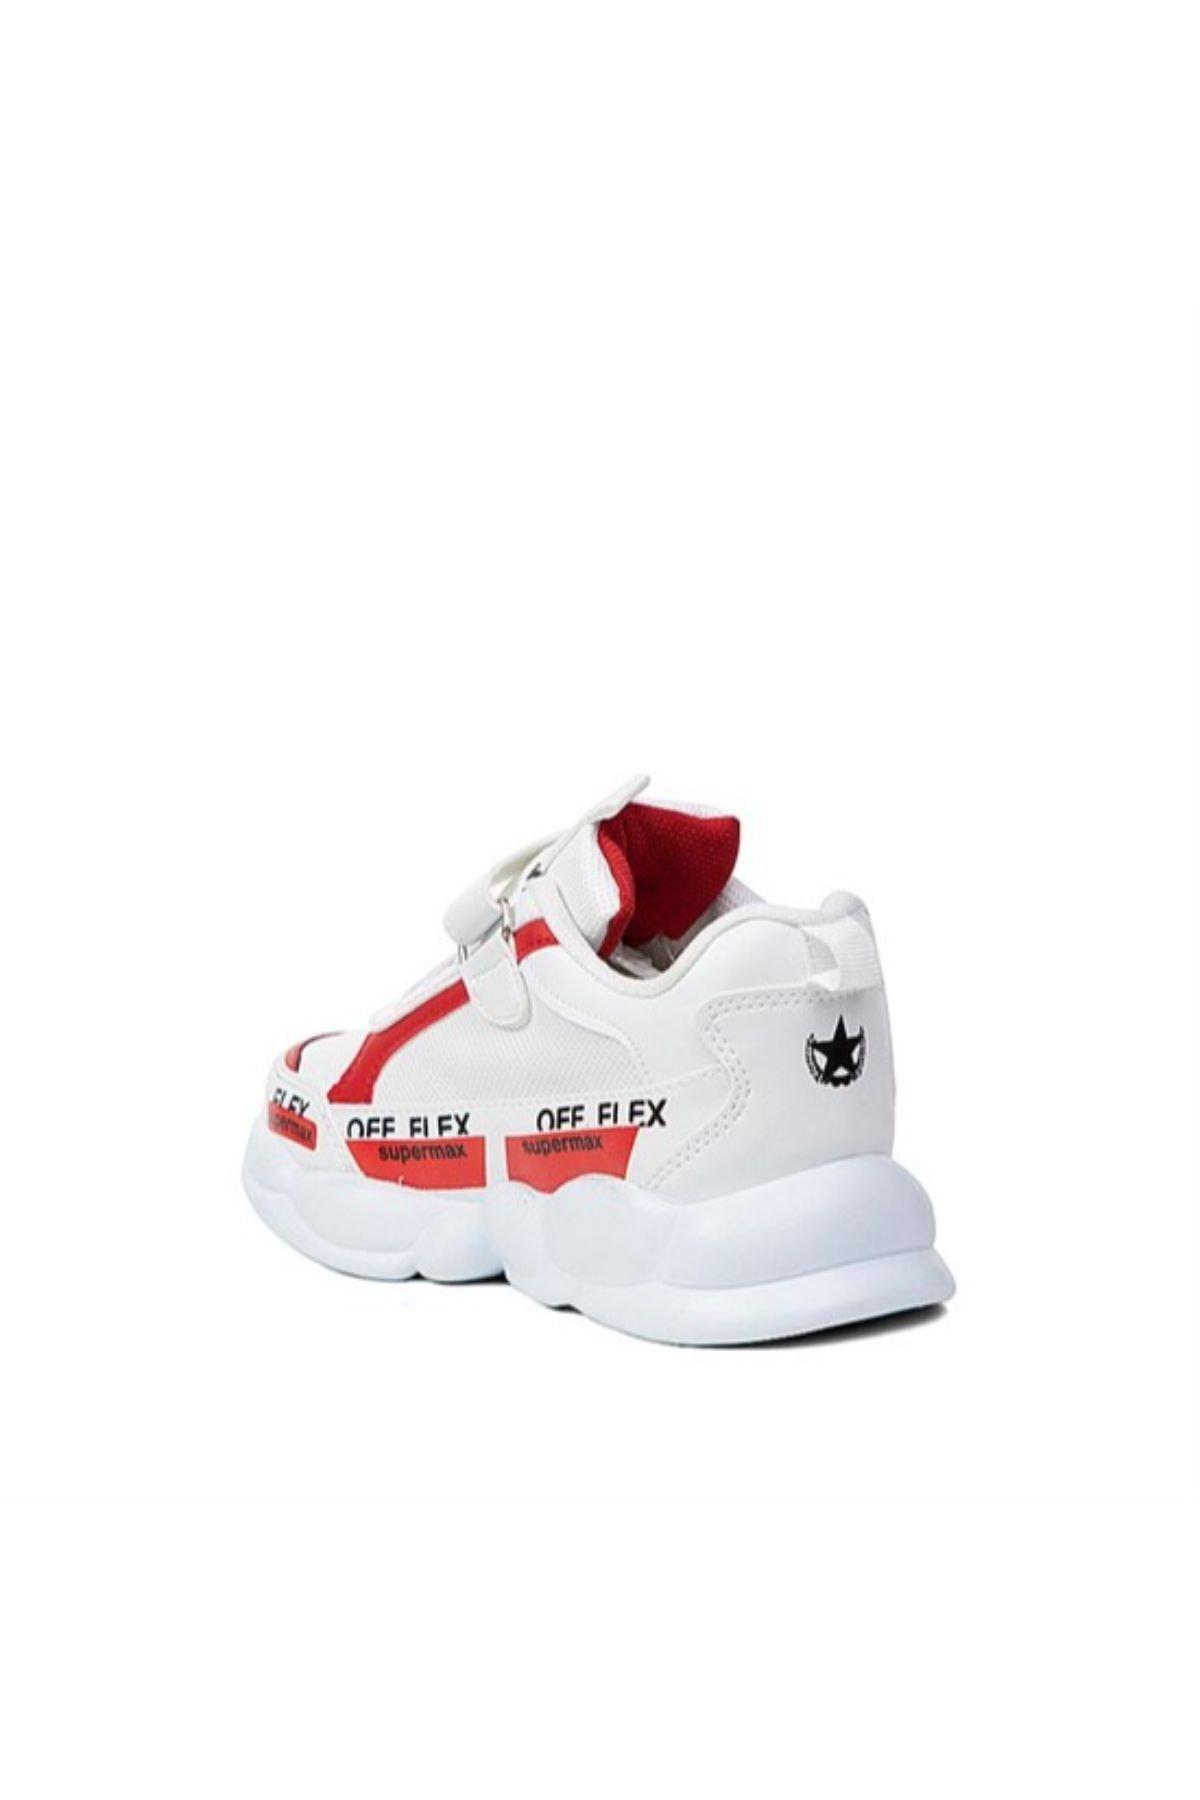 TARZZ Flex-filet Ayakkabı 2